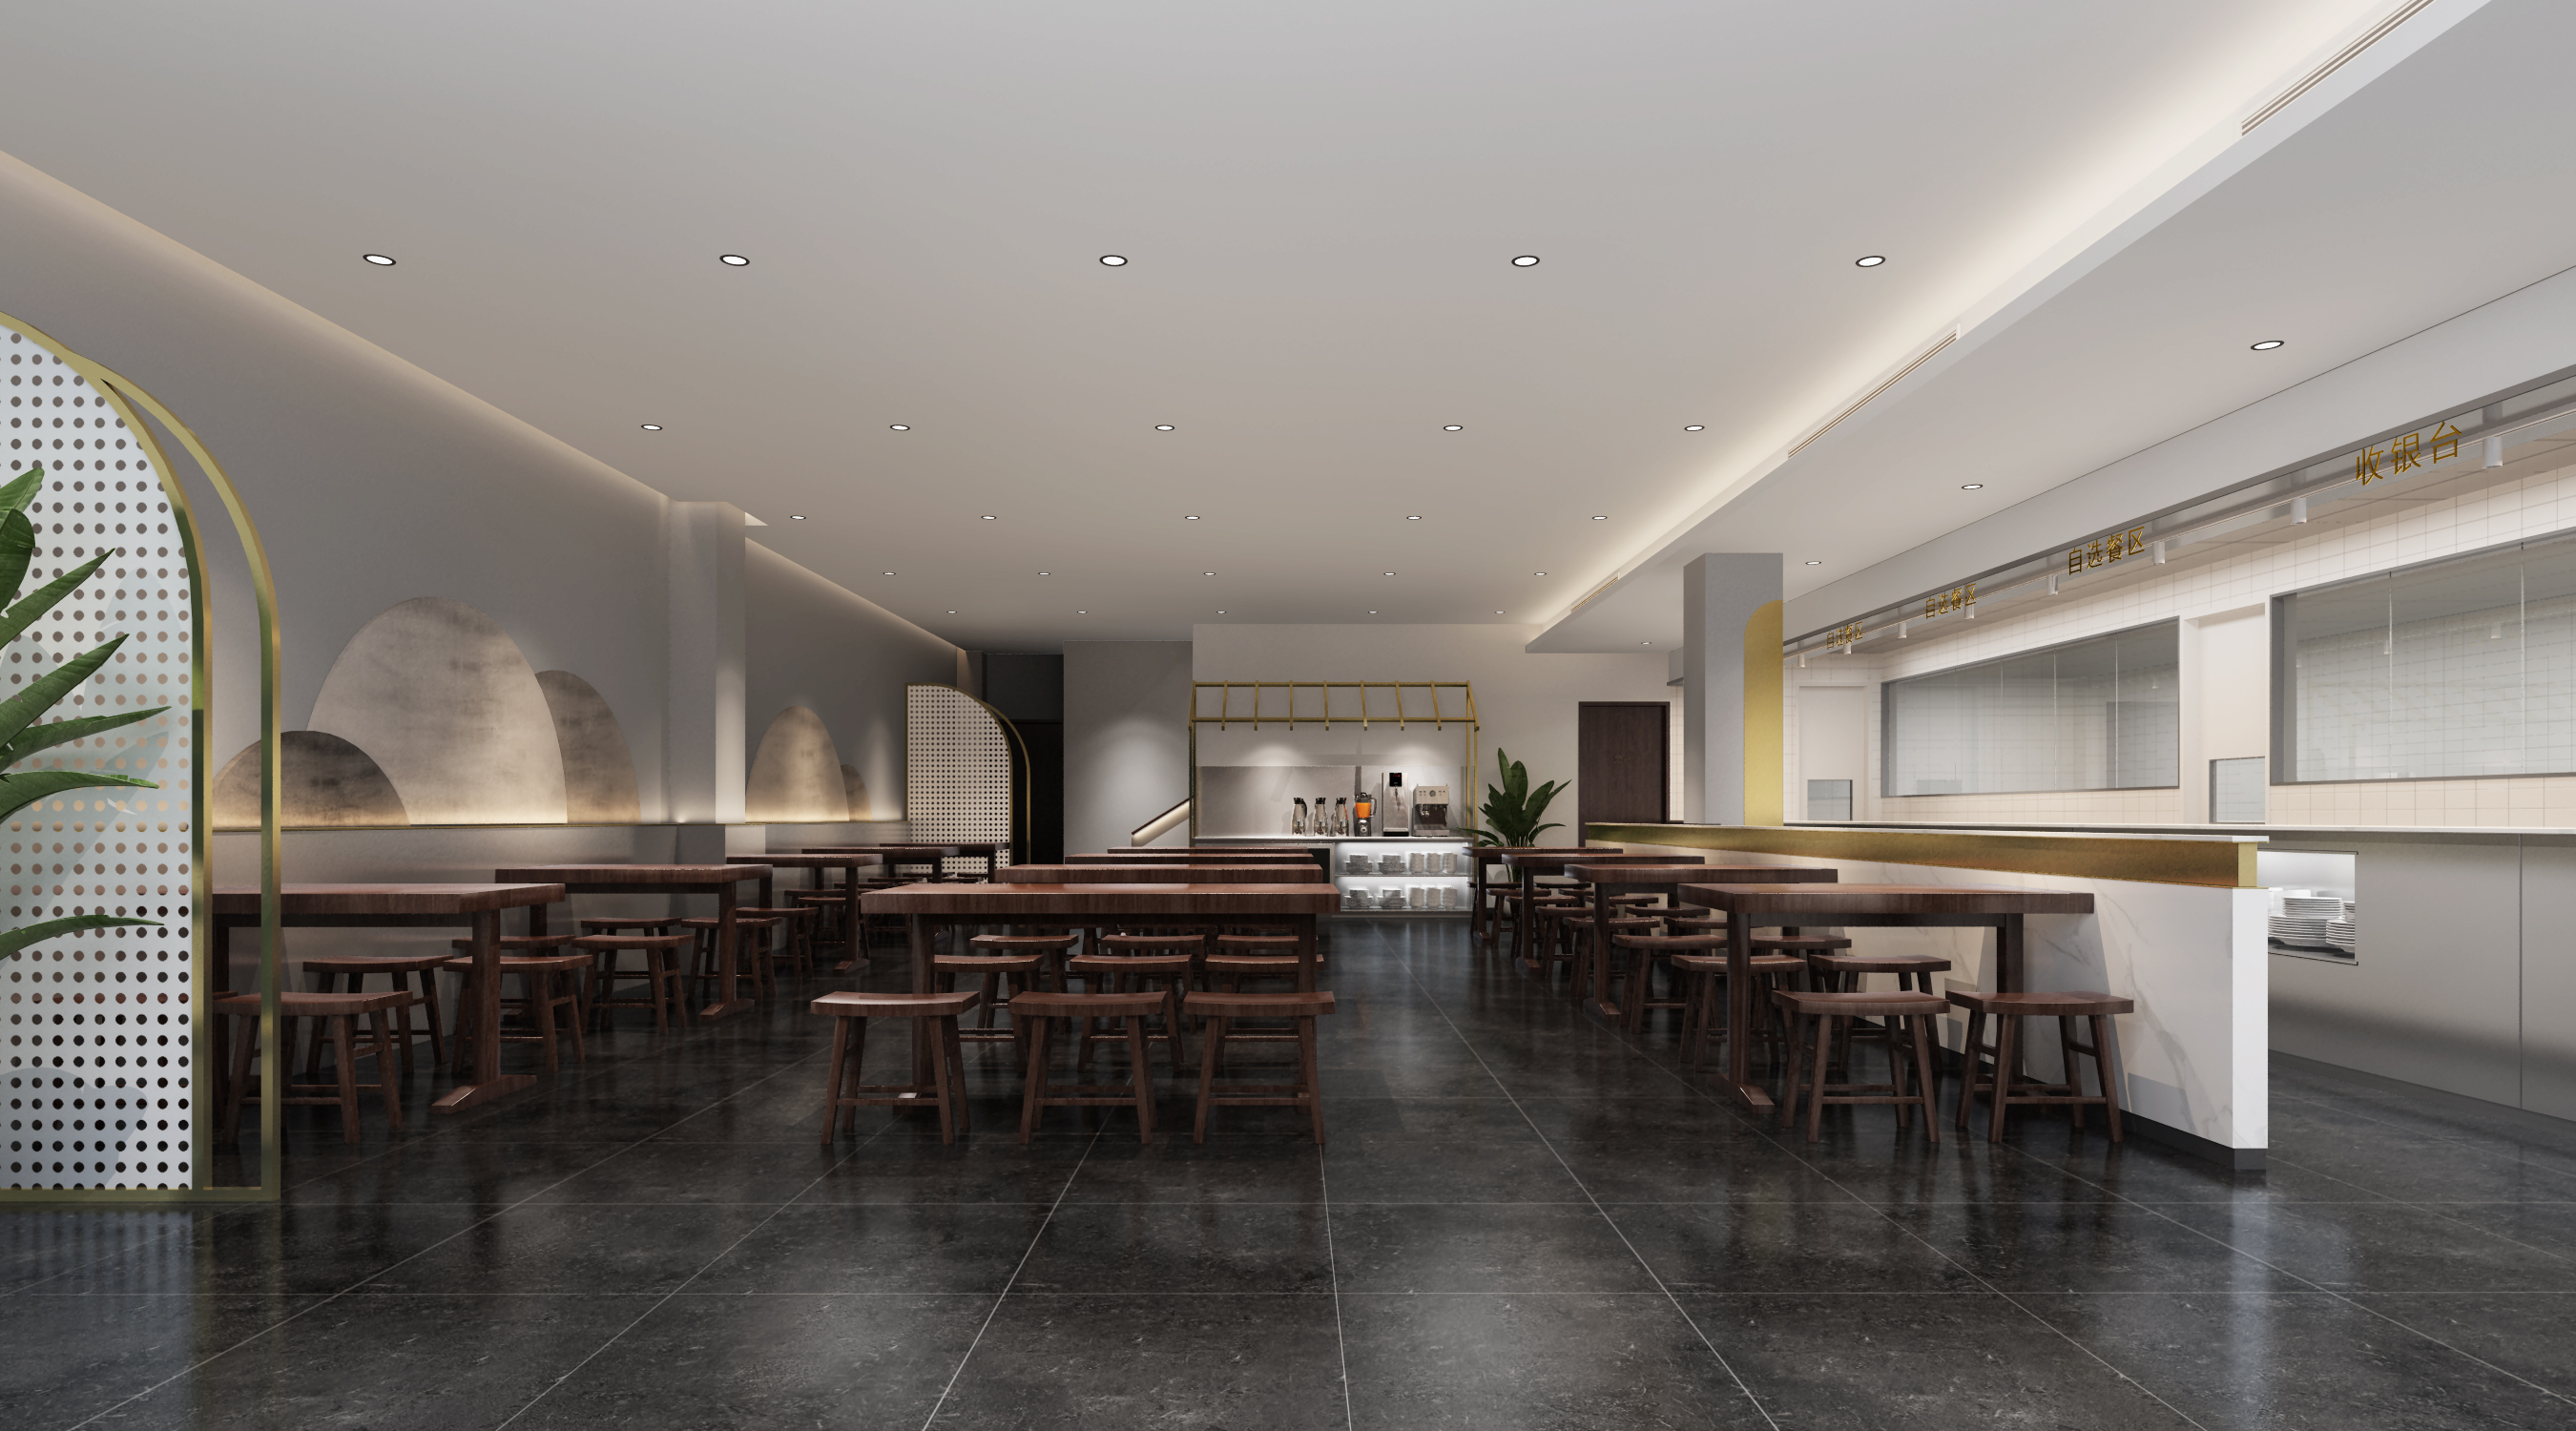 开封蓝城集团餐厅室内设计项目